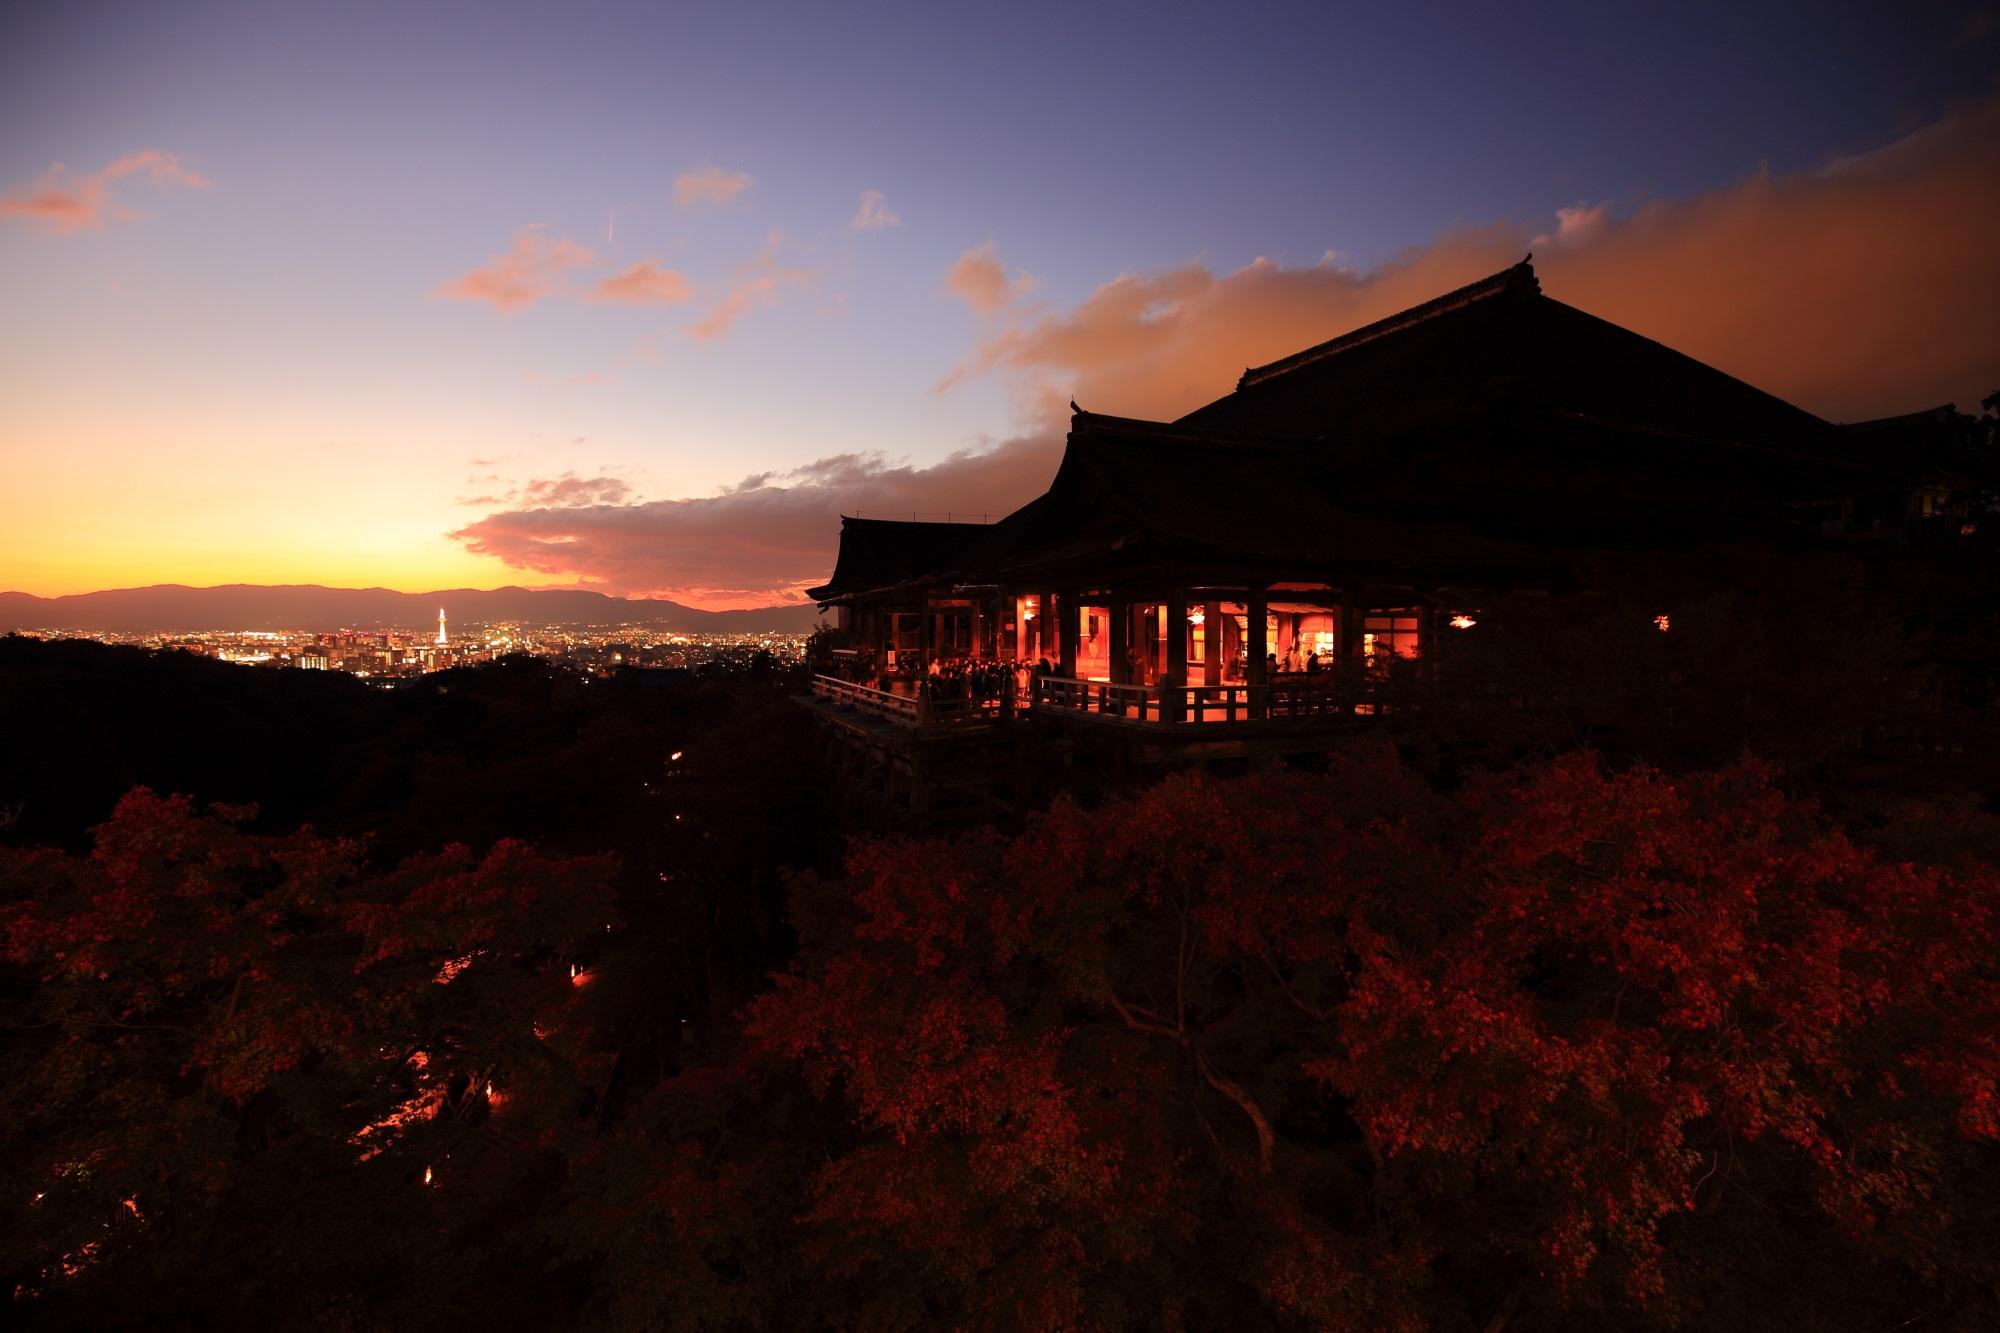 夕焼けの清水寺の見ごろの美しい紅葉